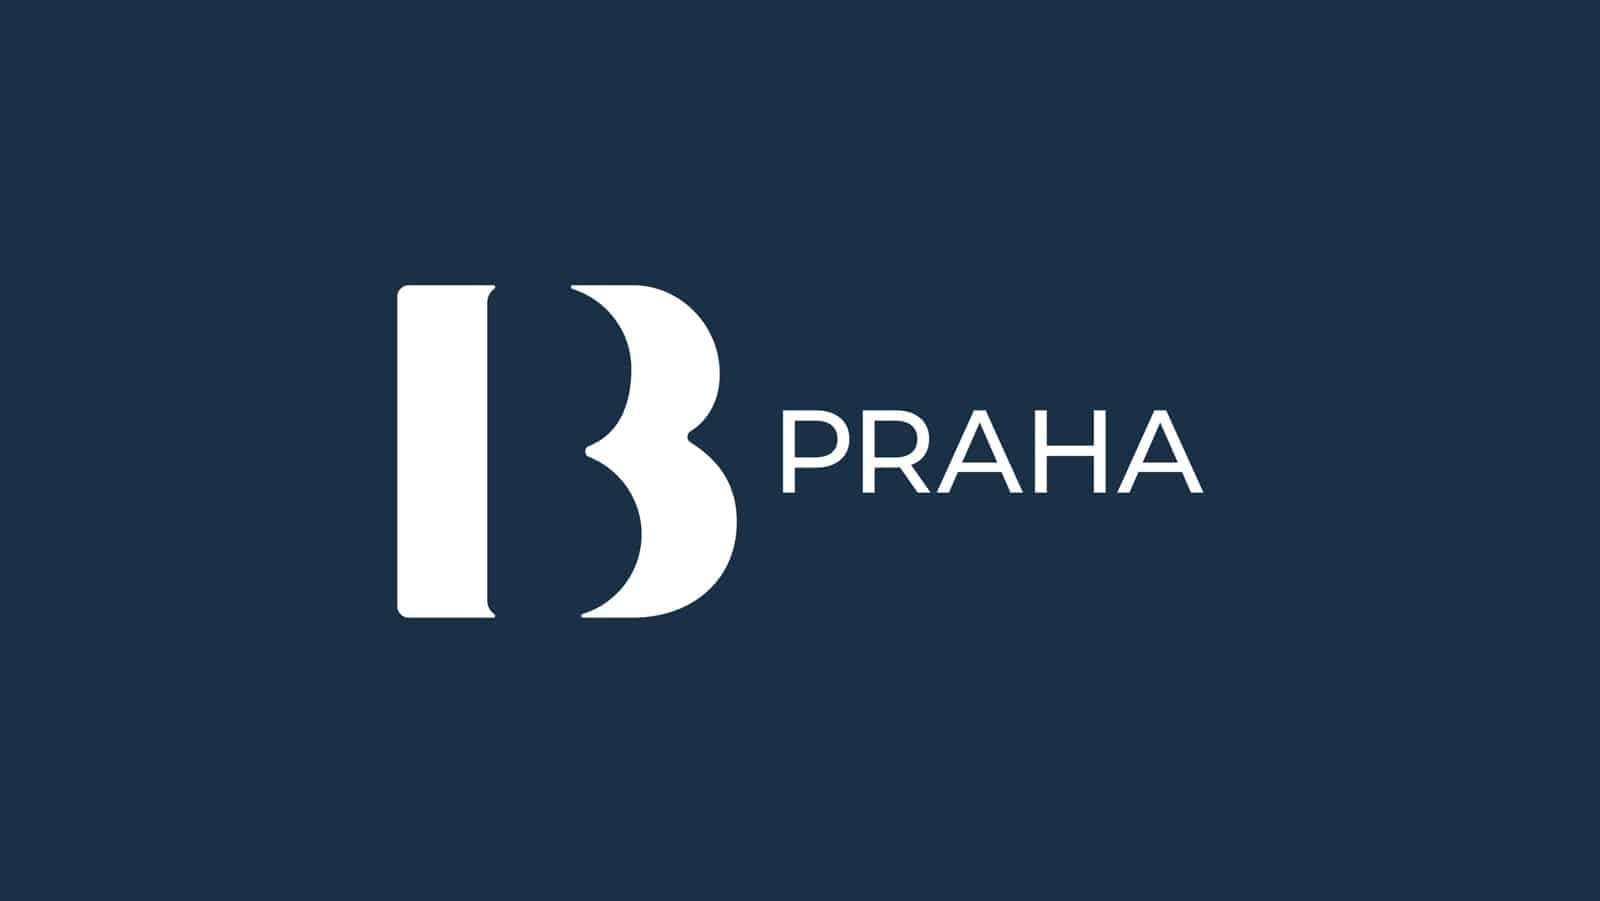 IBB Praha logo design white on dark blue